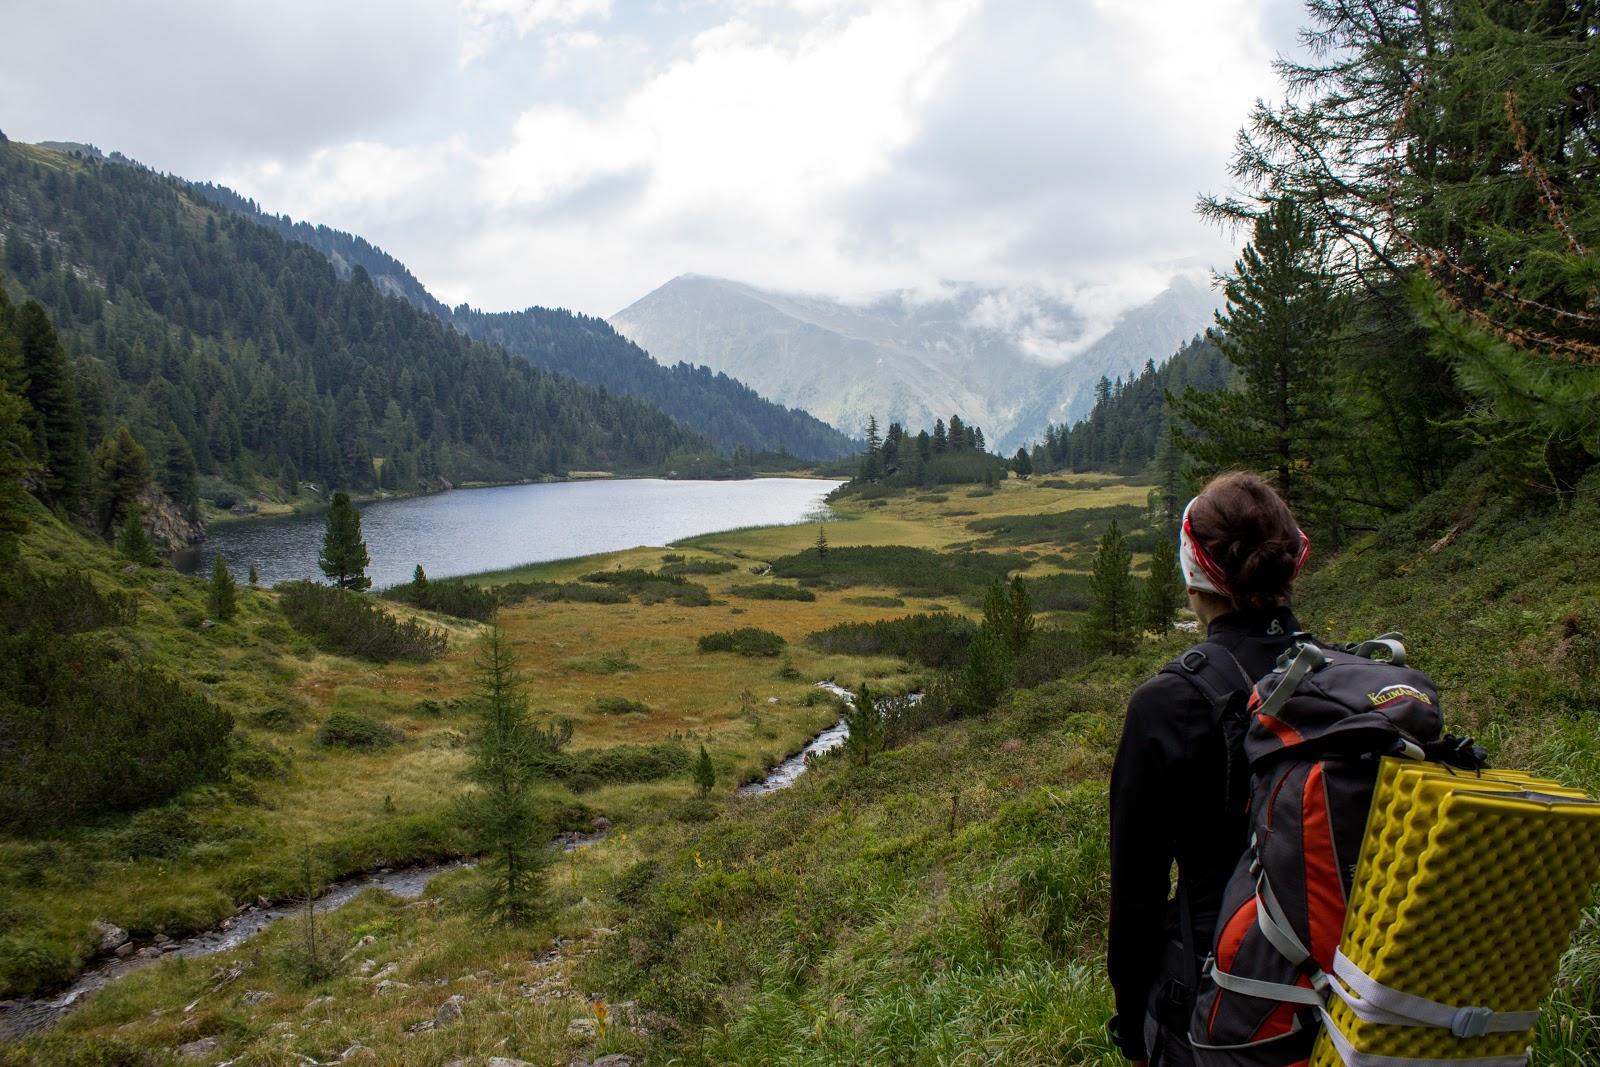 Wanderung von der Sölkpaß-Straße zum Schöderer Eisenhut über die Zwieflerseen - Unterer Zwieflersee